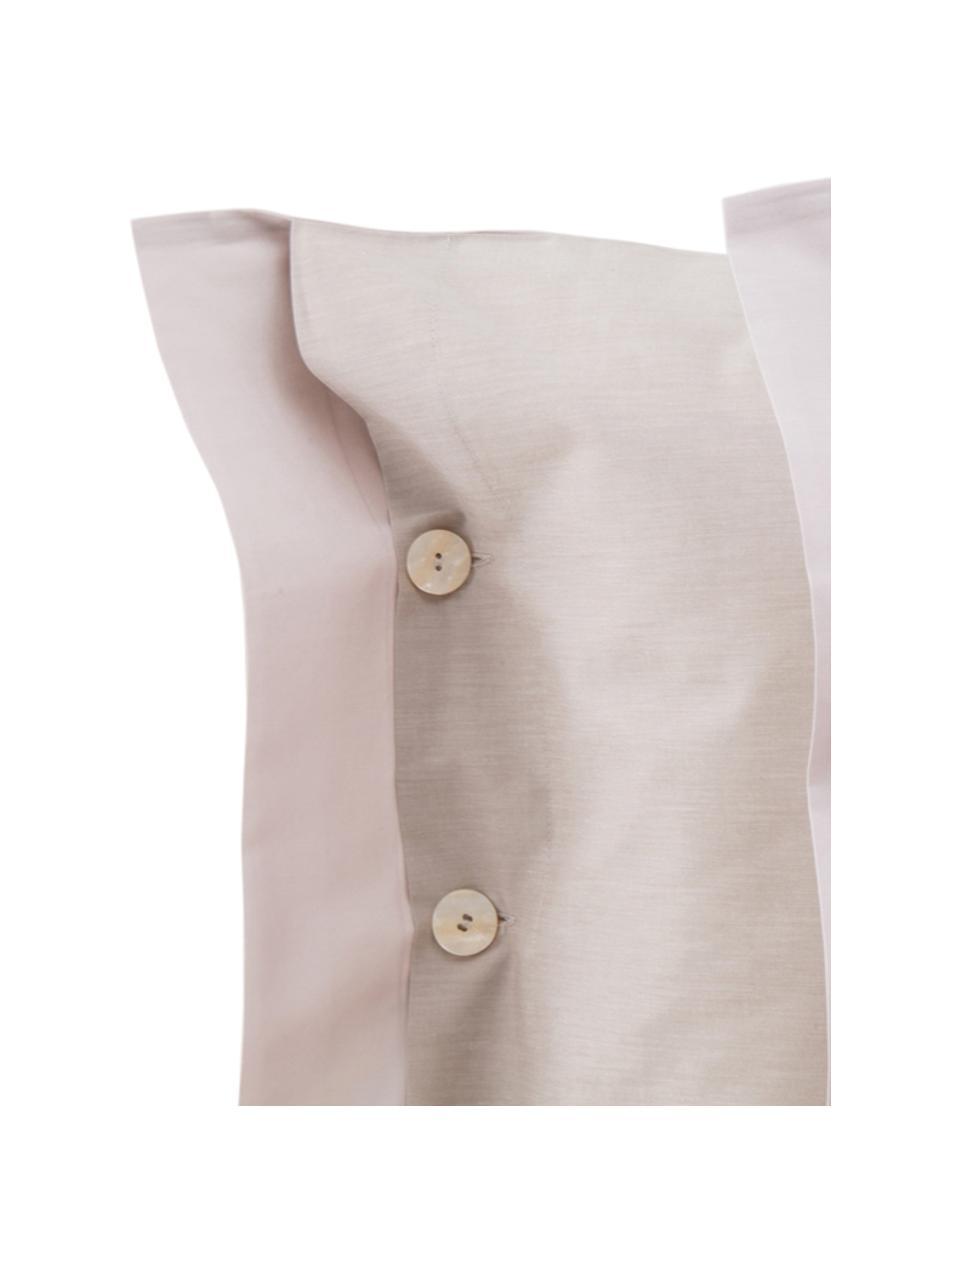 Completo copripiumino in raso di cotone Charme, Raso di cotone, Beige, 200 x 255 cm + 2 federe + 1 lenzuolo con angoli